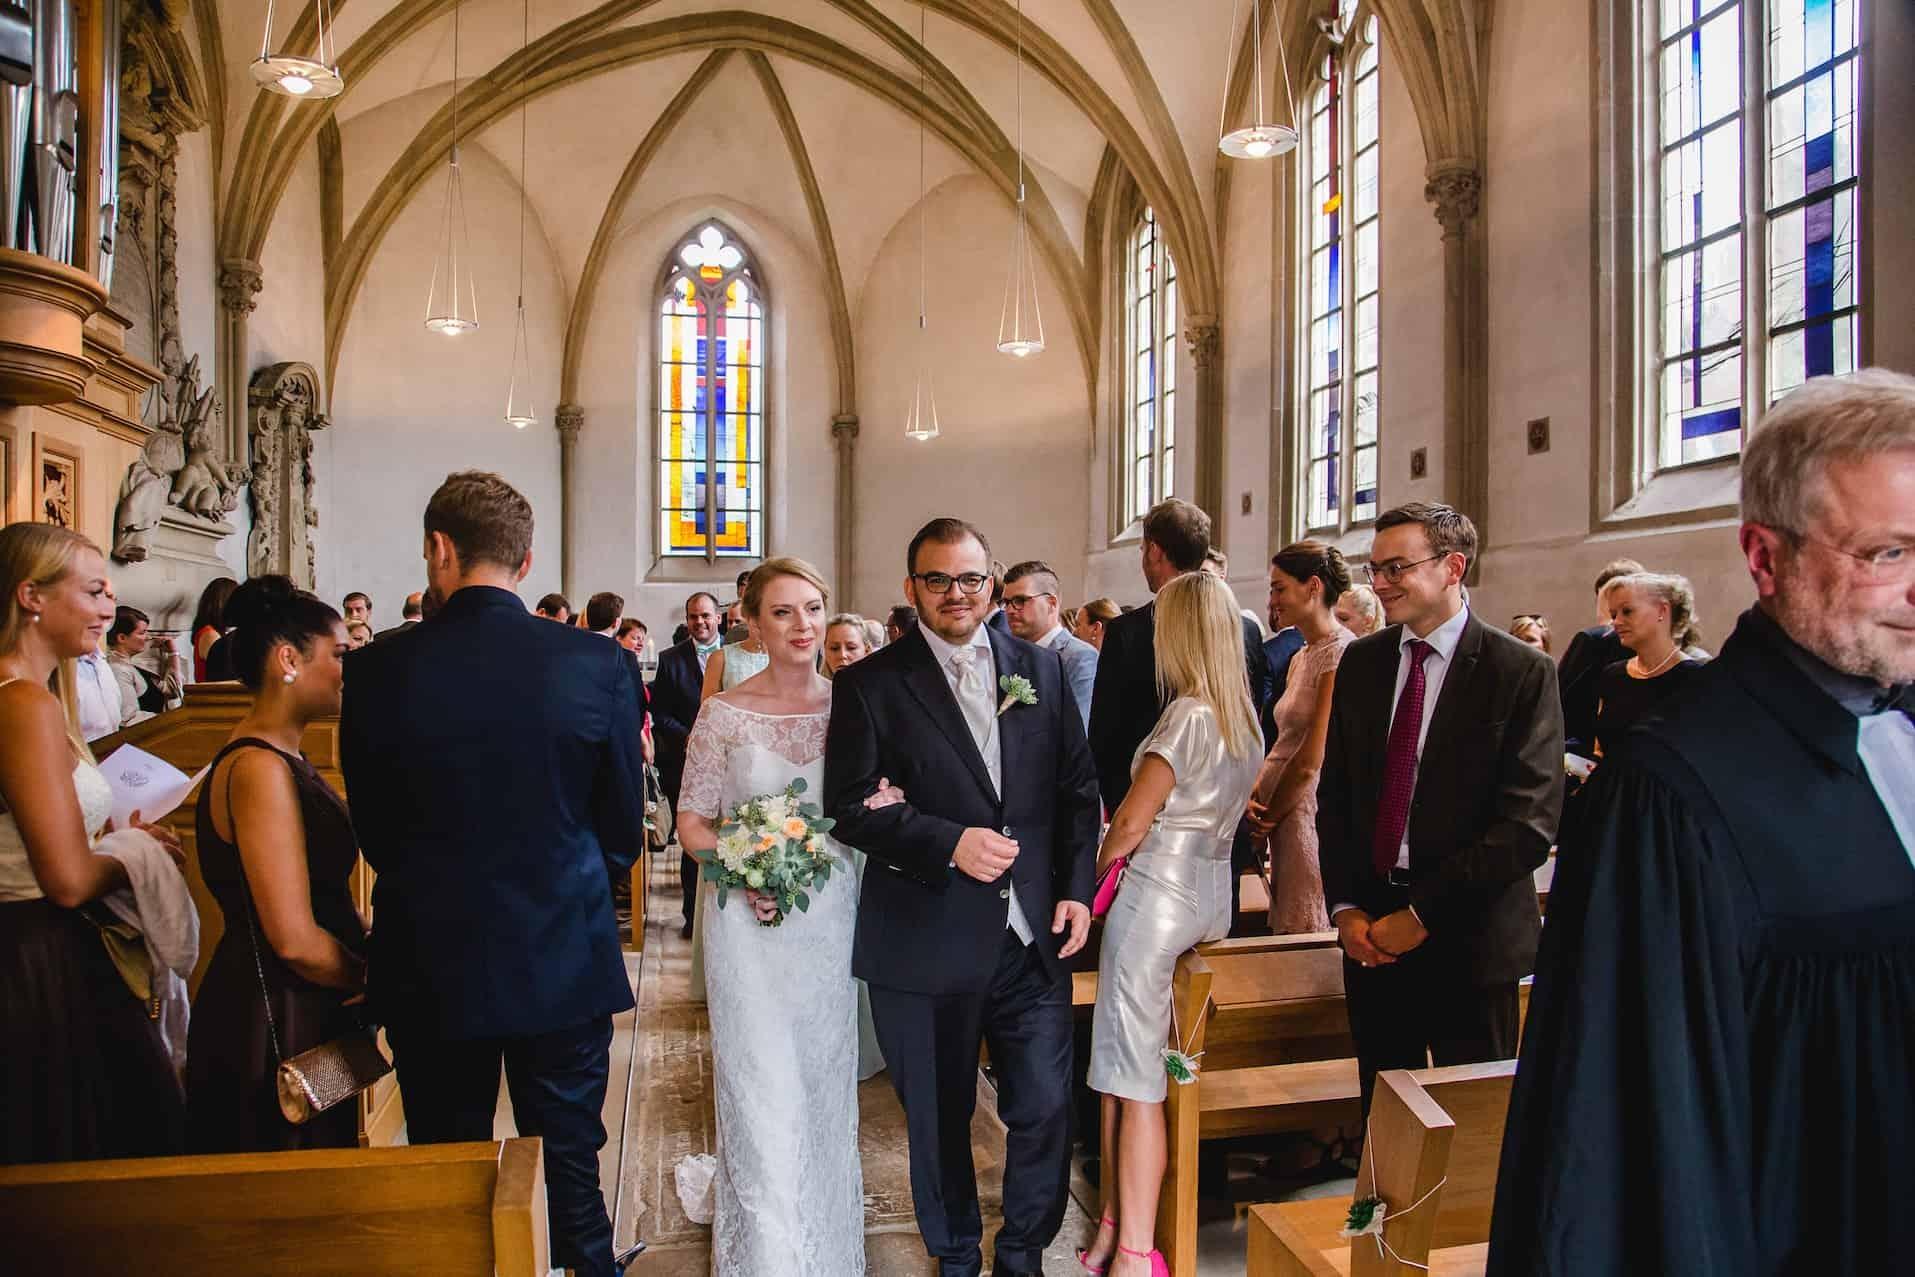 Hochzeit von Jennifer und Stefan in Münster: Auszug des Brautpaares aus der Kirche